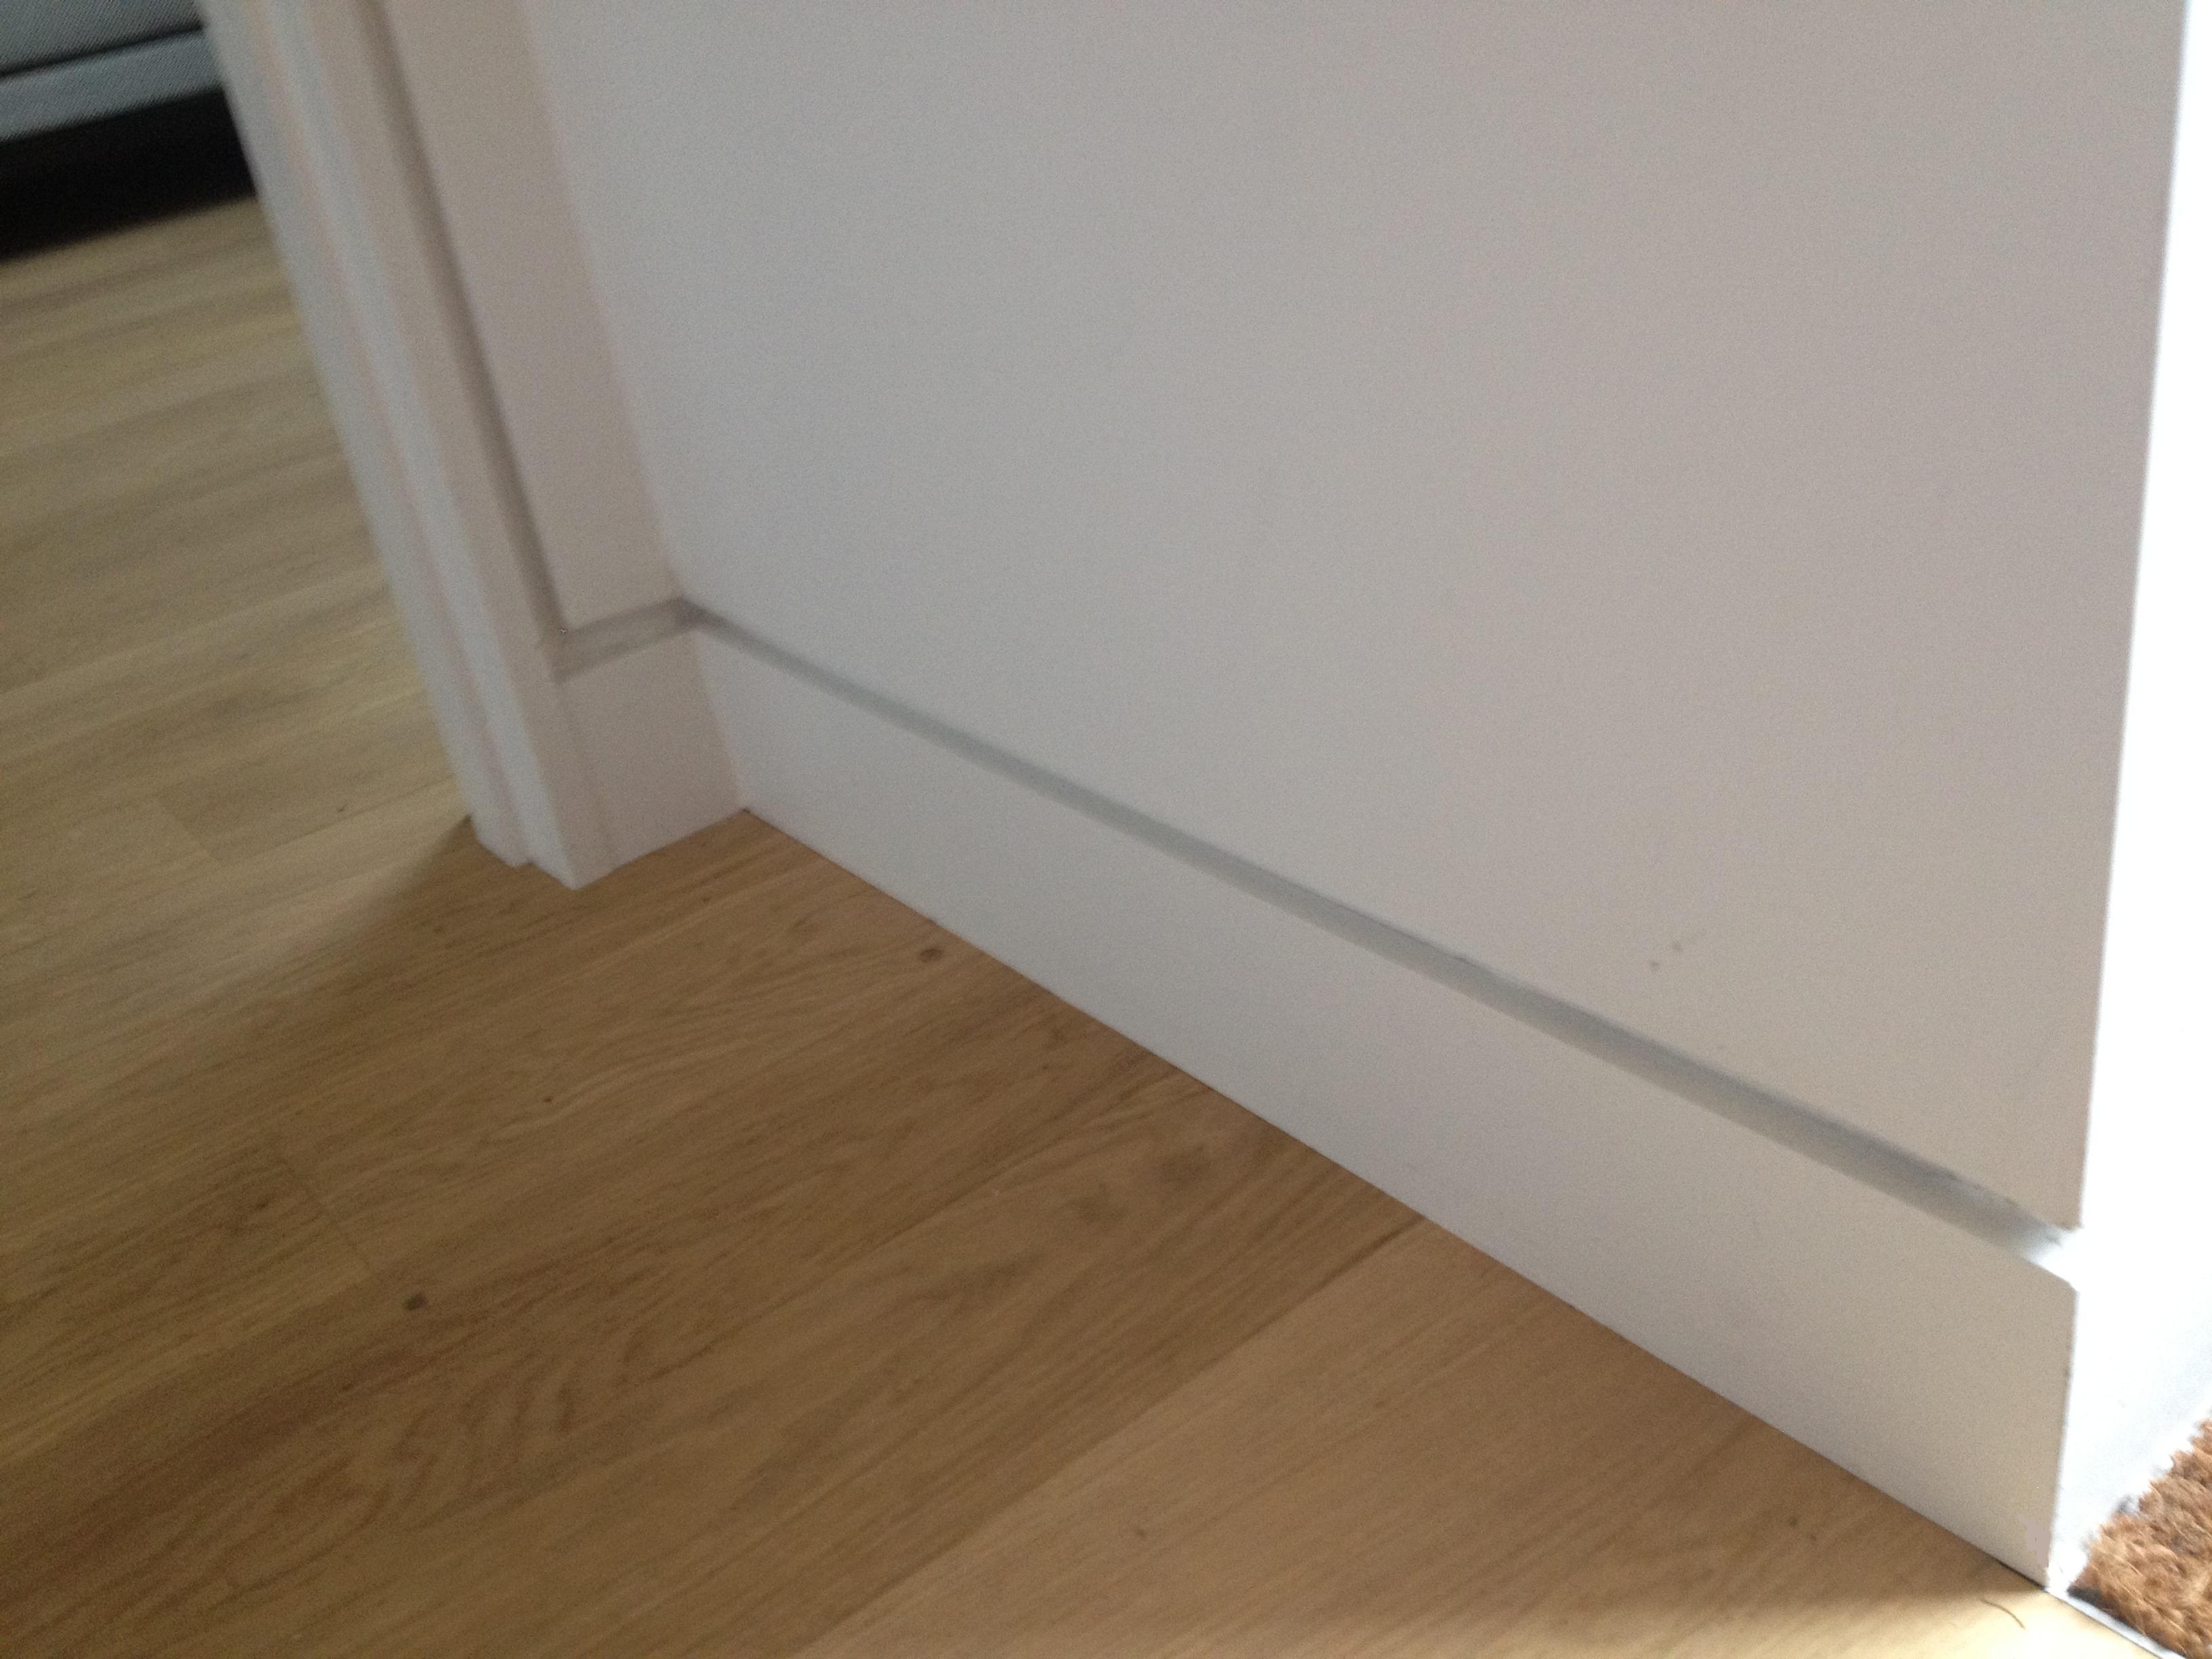 Drywall Tips Drywall Taping Part 3